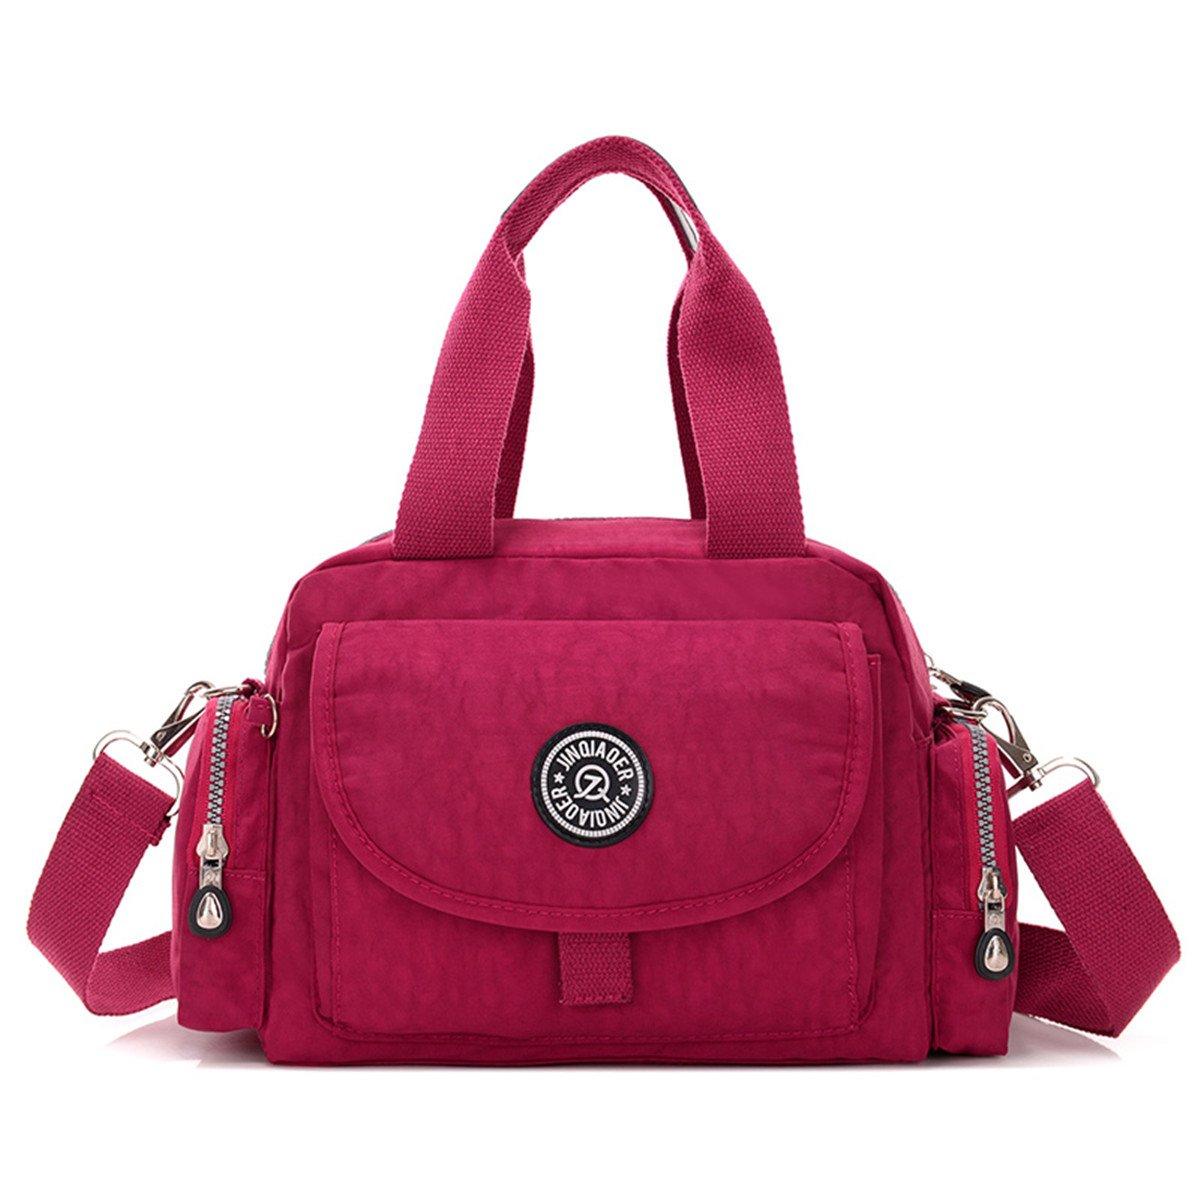 TianHengYi Girls Water Resistant Lightweight Nylon Top Handle Handbag Crossbody Shoulder Satchel Purse Red